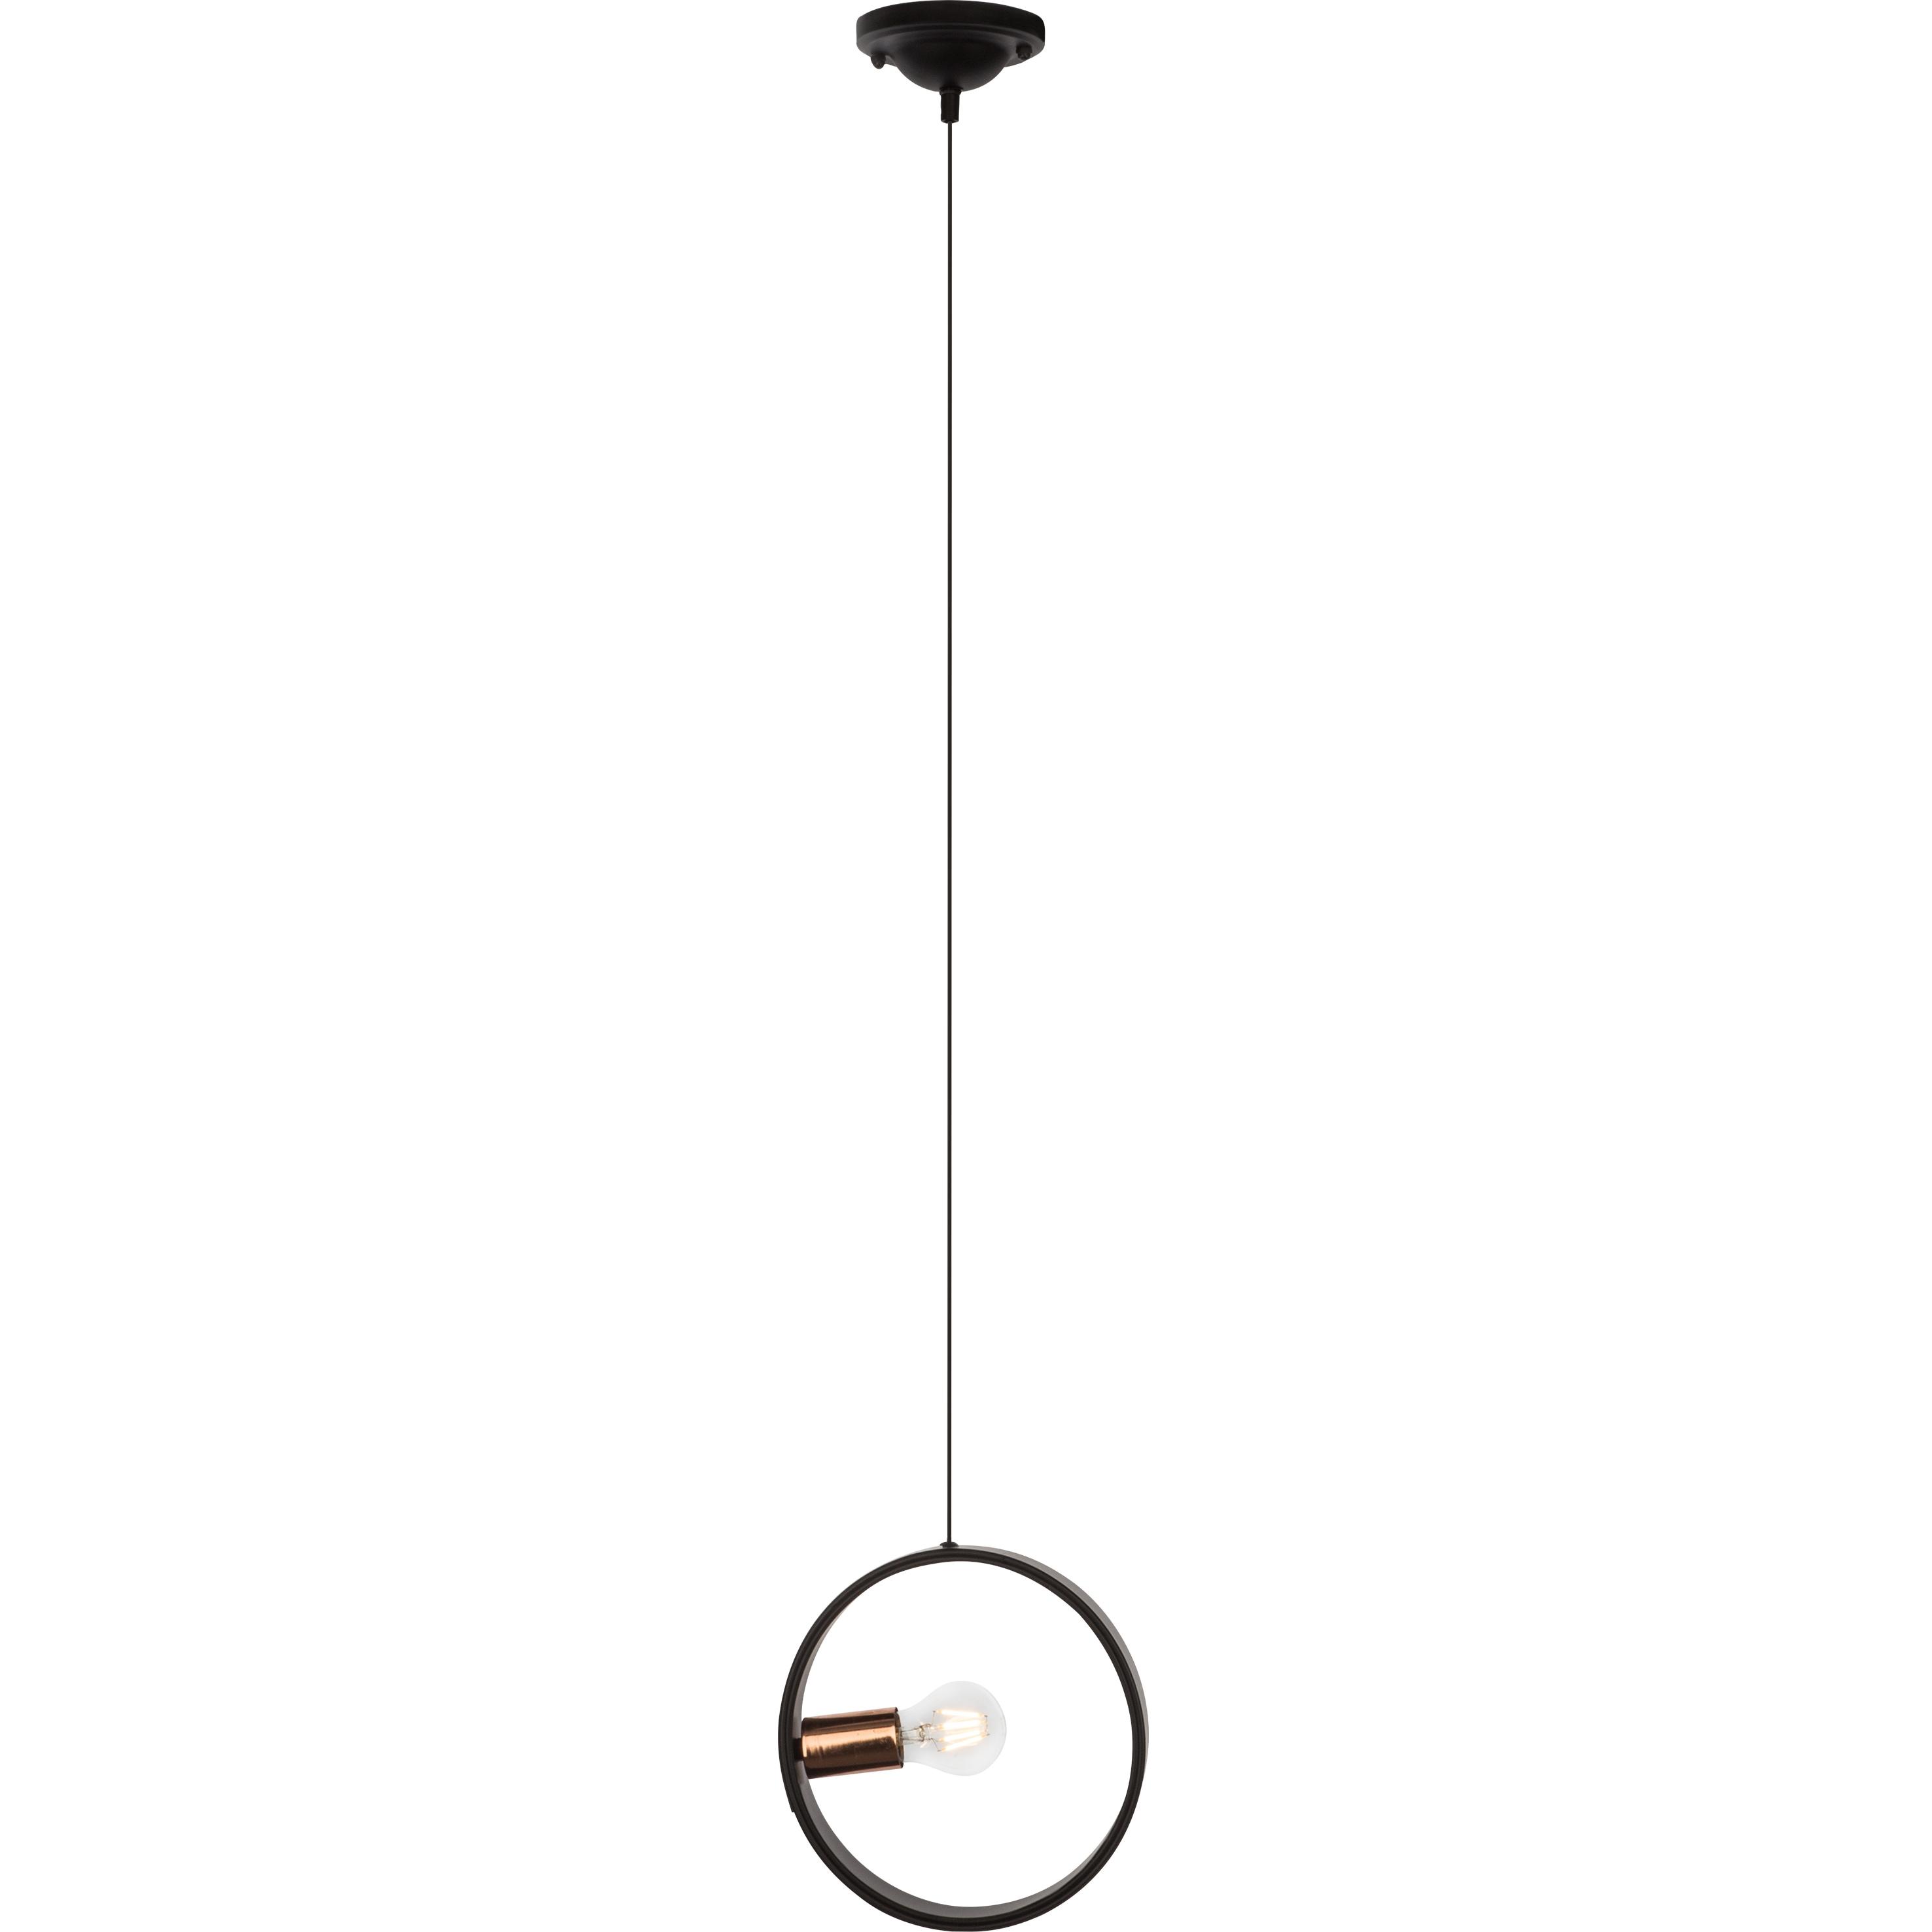 Brilliant Leuchten Coriolis Pendelleuchte 25cm schwarz/kupfer